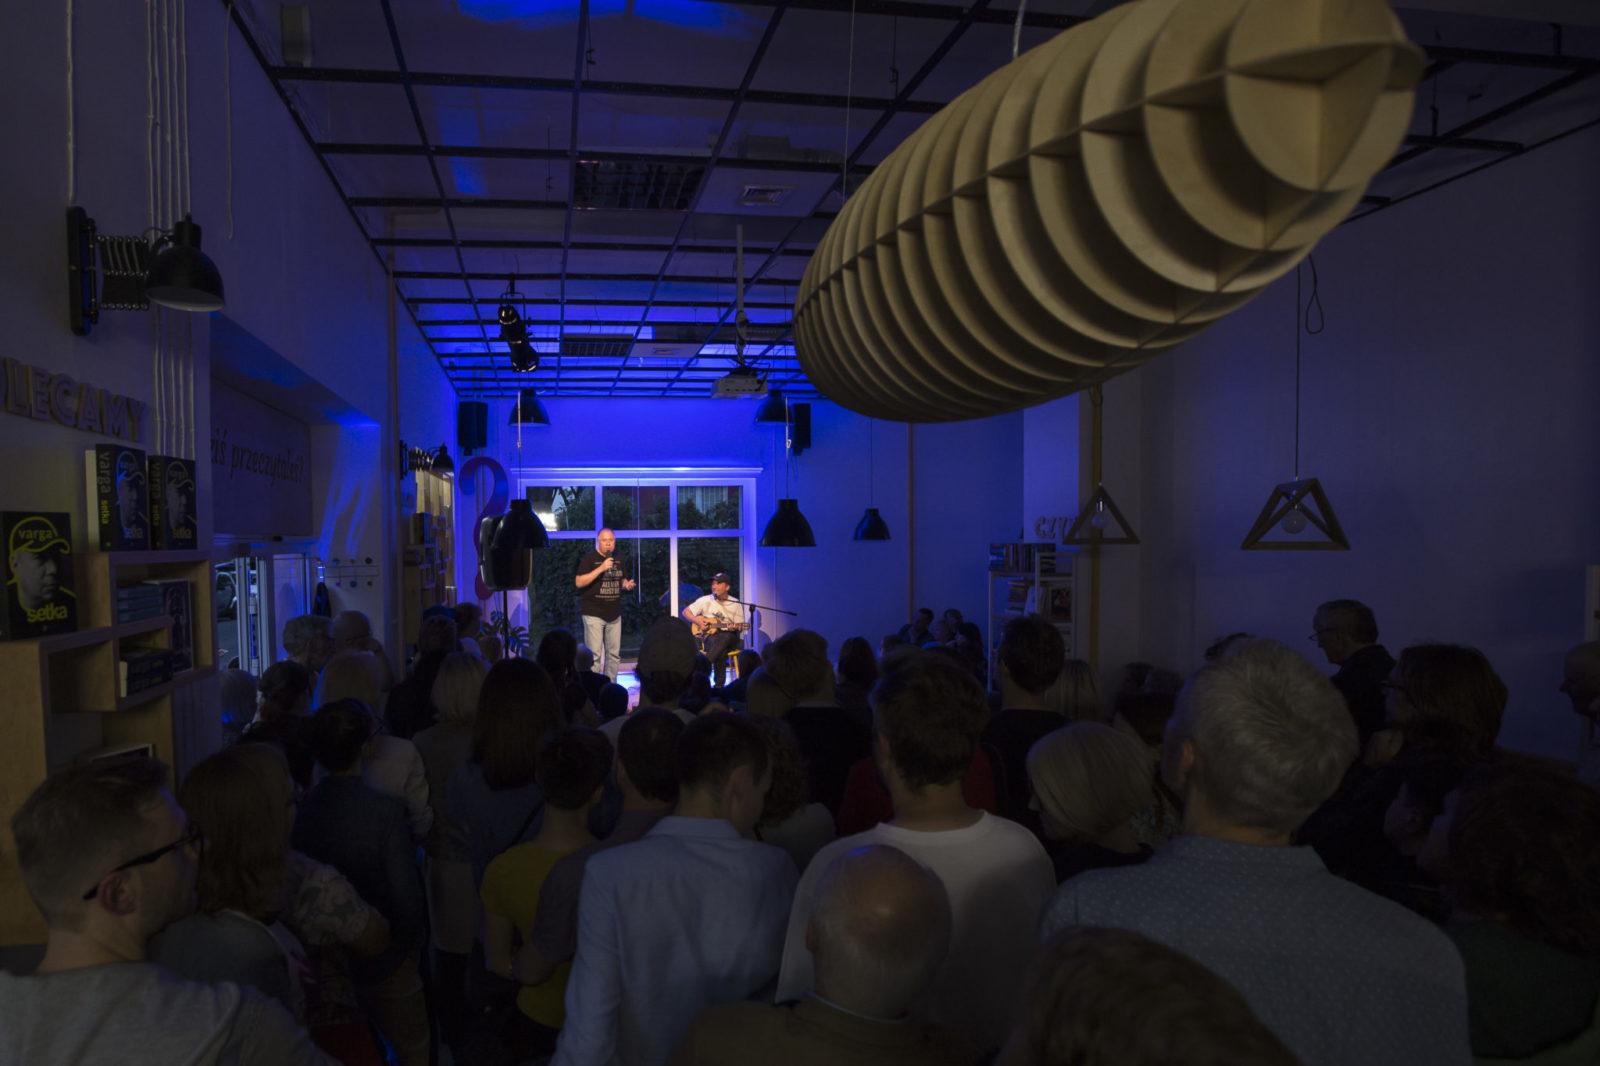 Zaciemnione wnętrze kawiarnii w oddali widać scene z artystami